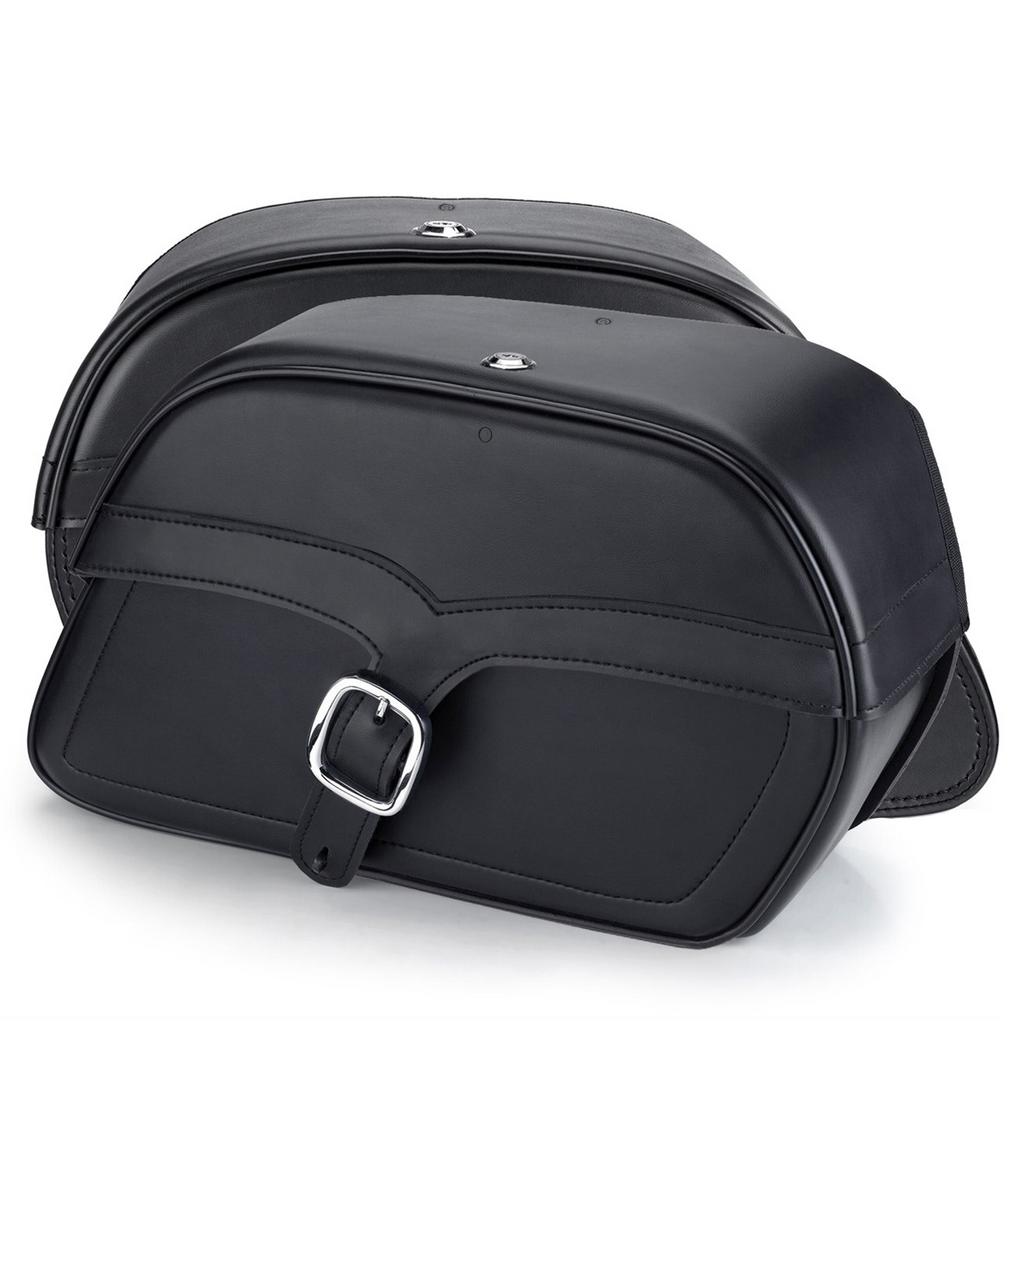 Suzuki Boulevard C90 Charger Medium Single Strap Motorcycle Saddlebags Both Bags View